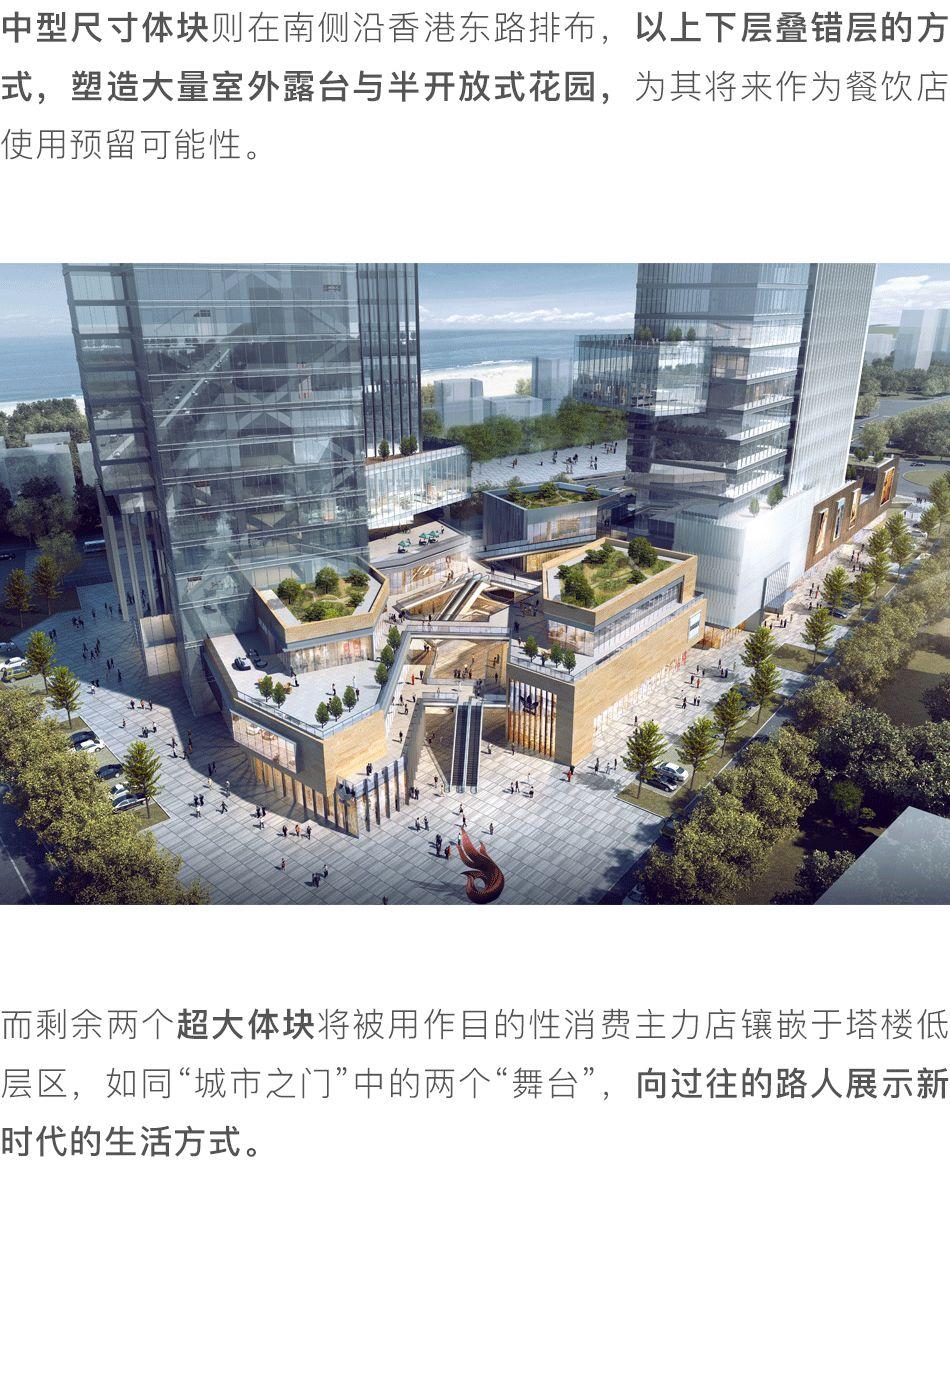 青岛晨鸣国际金融中心  建筑设计 /  帝奥设计